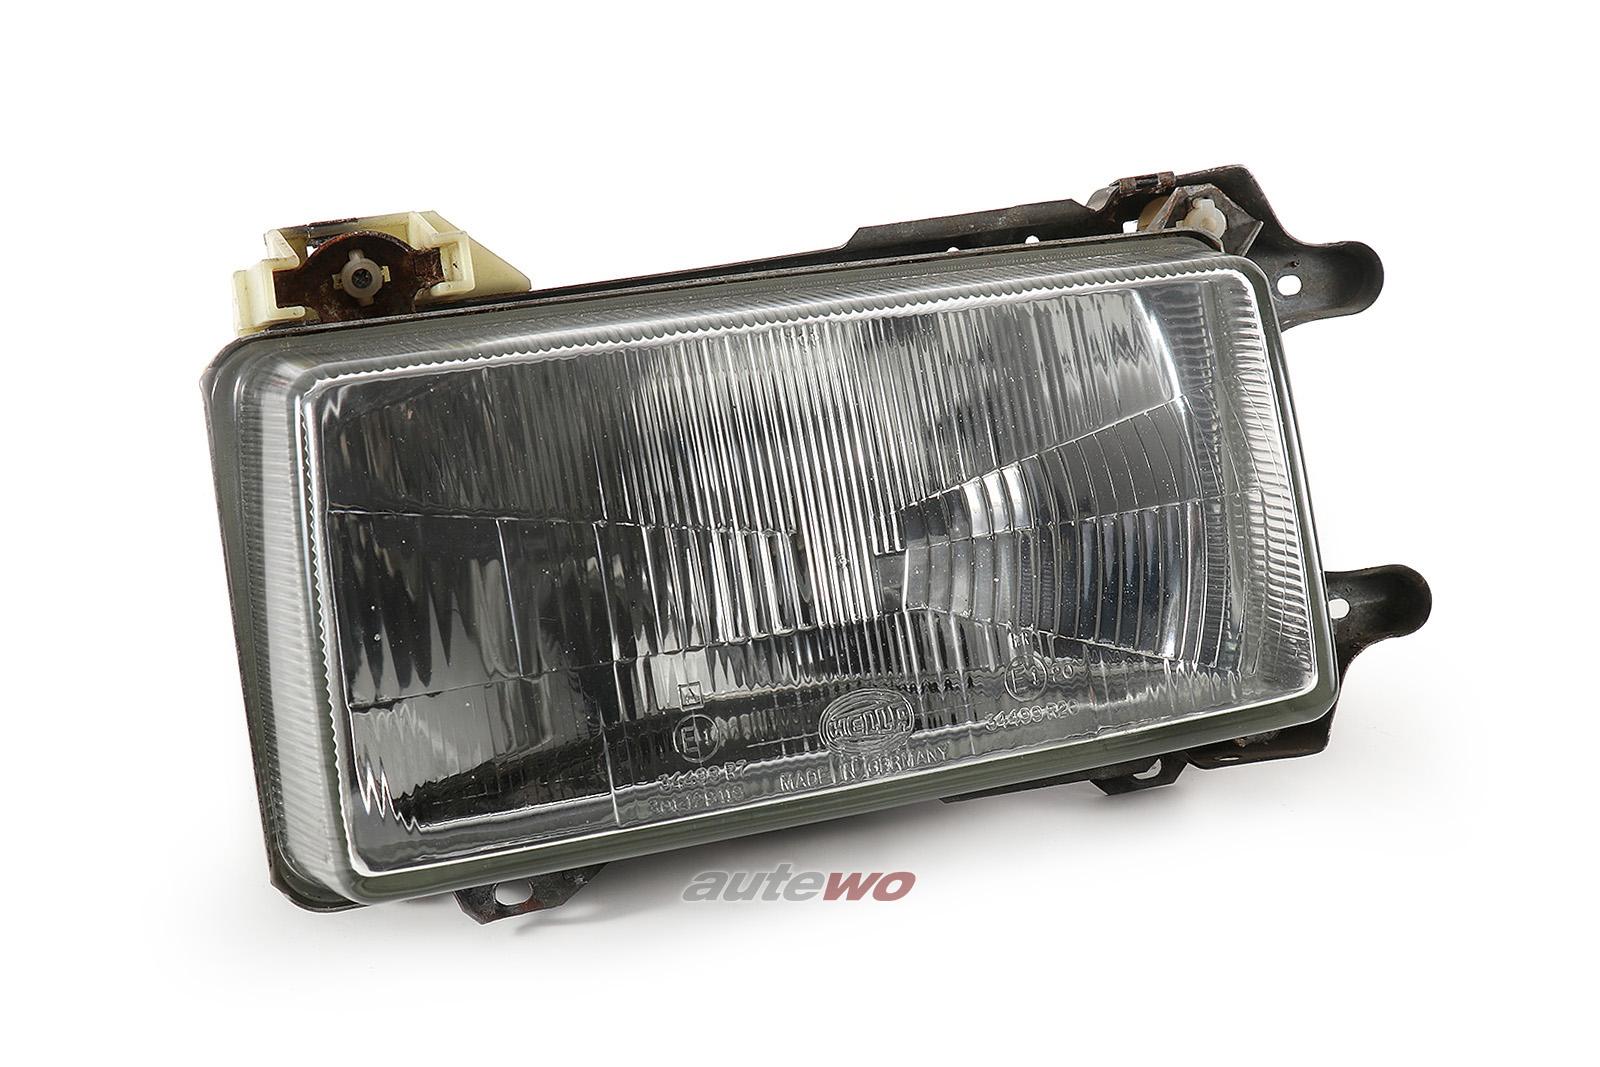 811941029H/811941105G Hella 301-129119 Audi 80 Typ 81/85 Scheinwerfer Links